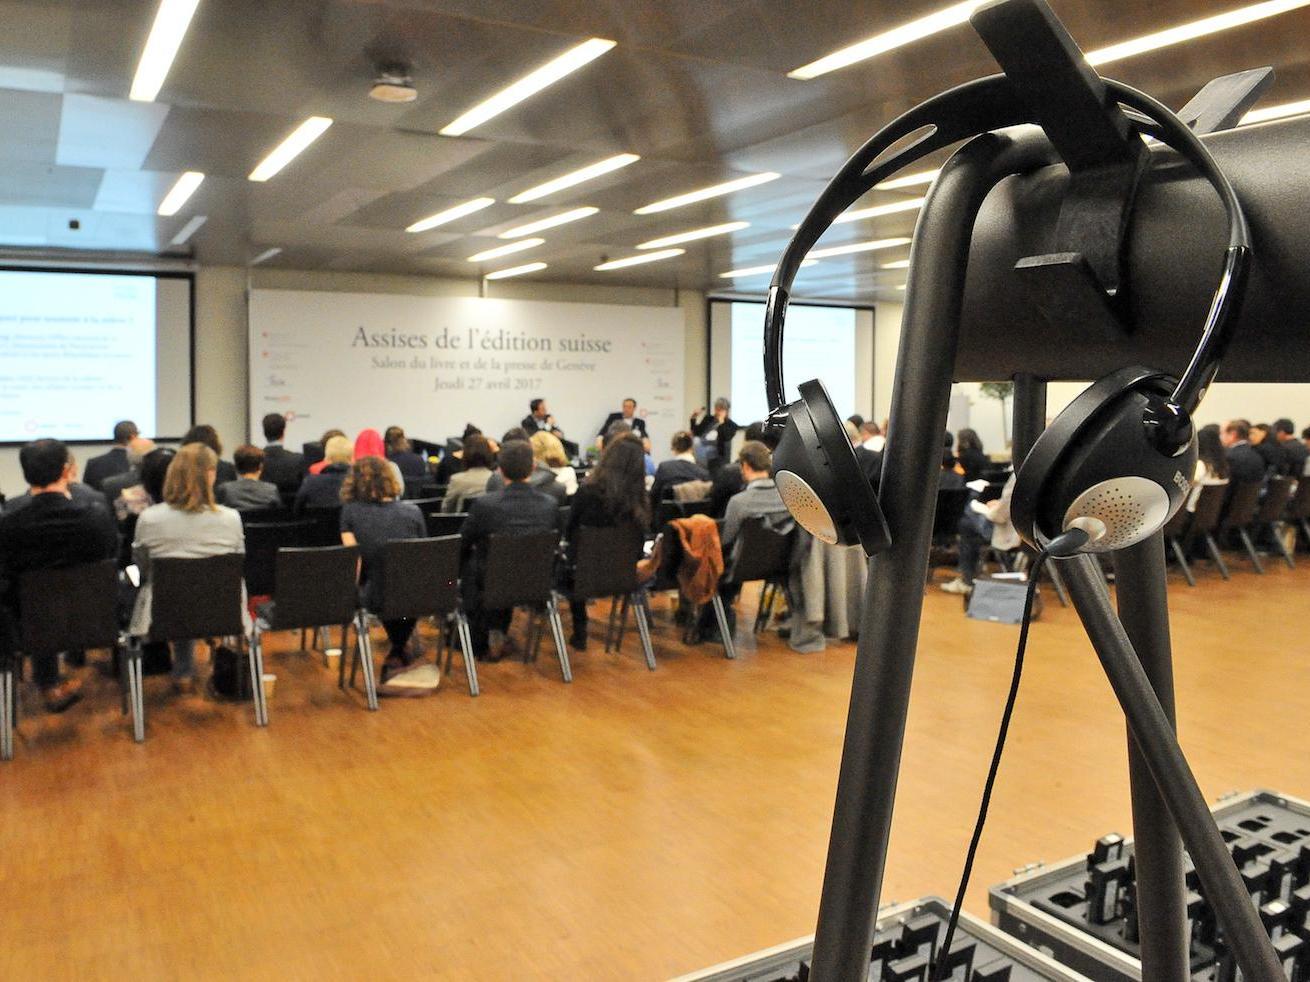 Assises de l'édition au Salon du livre de Genève